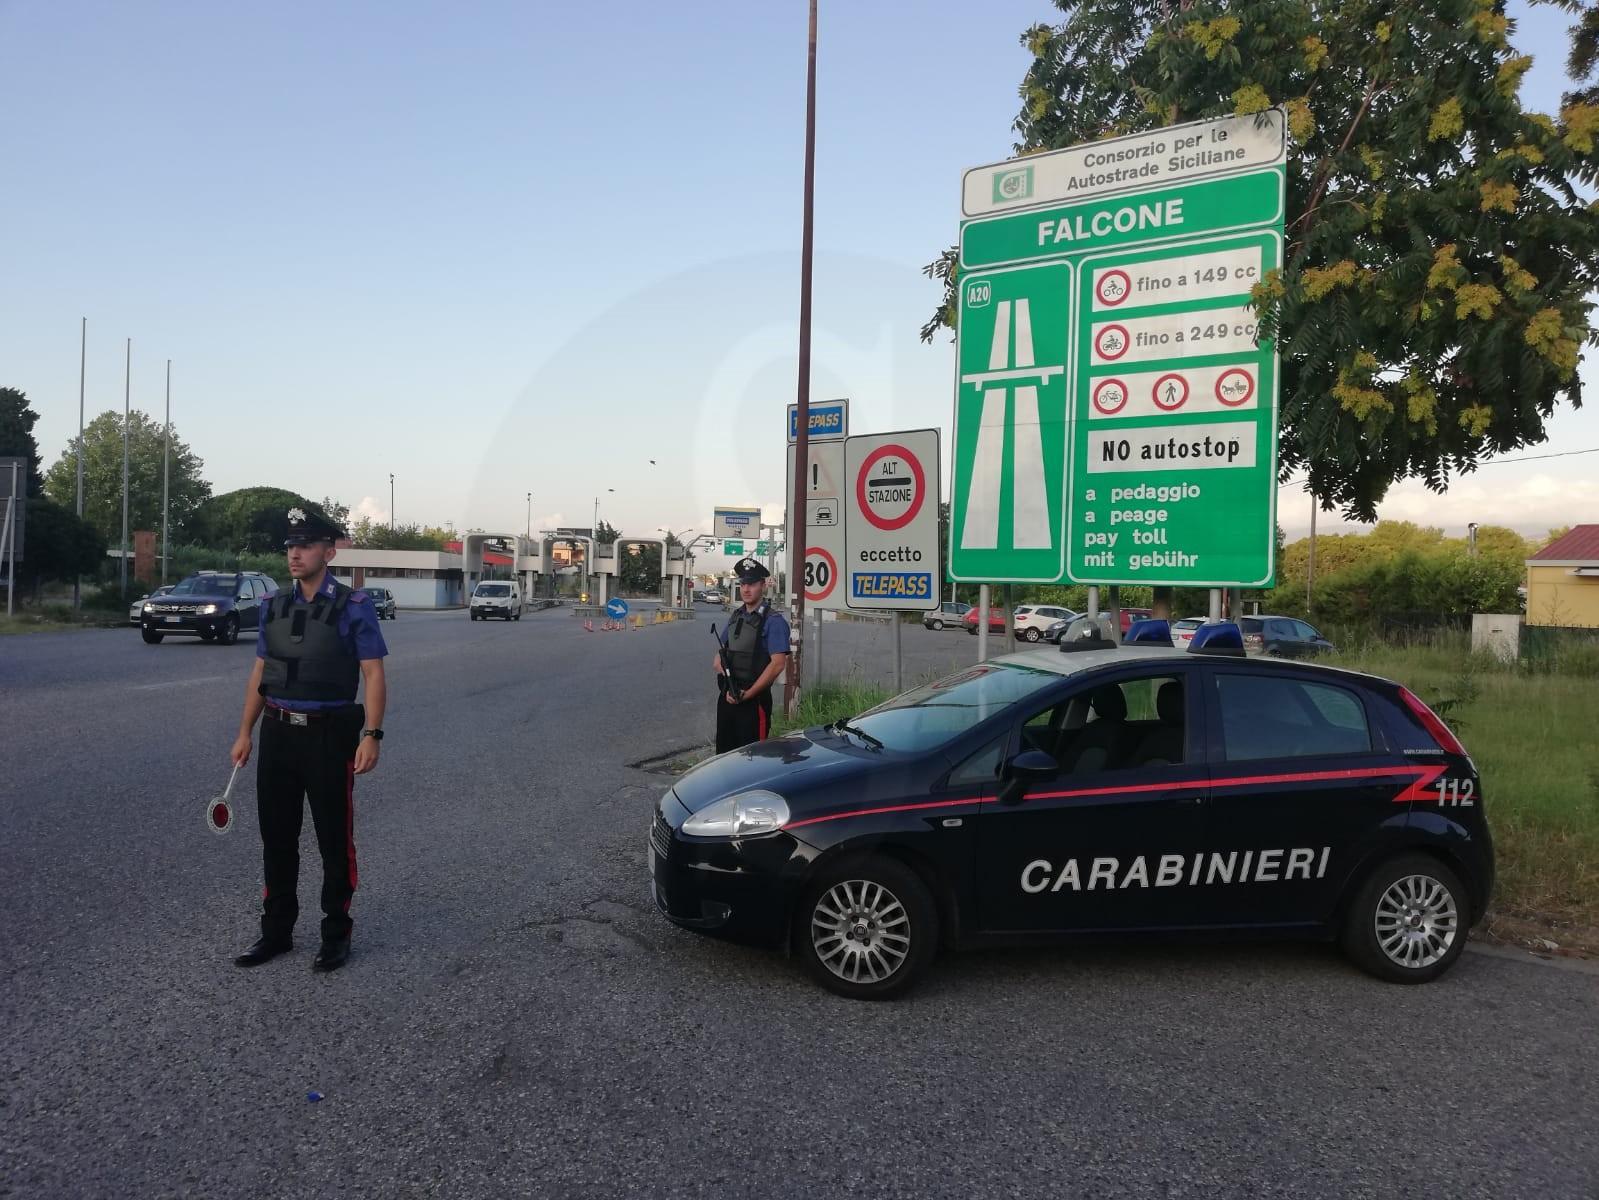 Furto abusivo di gas metano, arrestato 45enne a Falcone